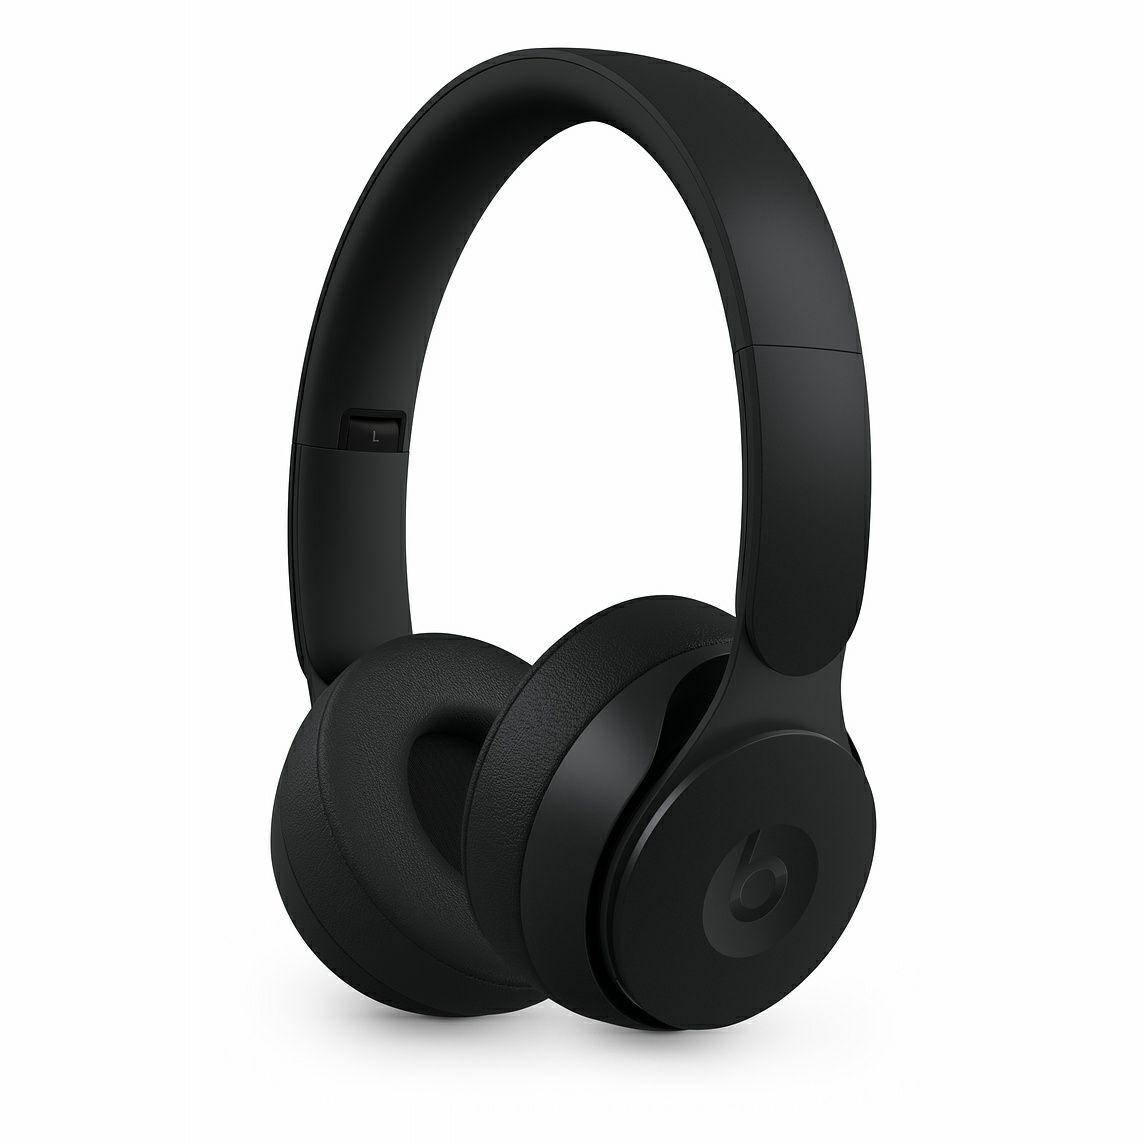 Beats Solo Pro Wireless Noise Canceling Kopfhörer - Schwarz